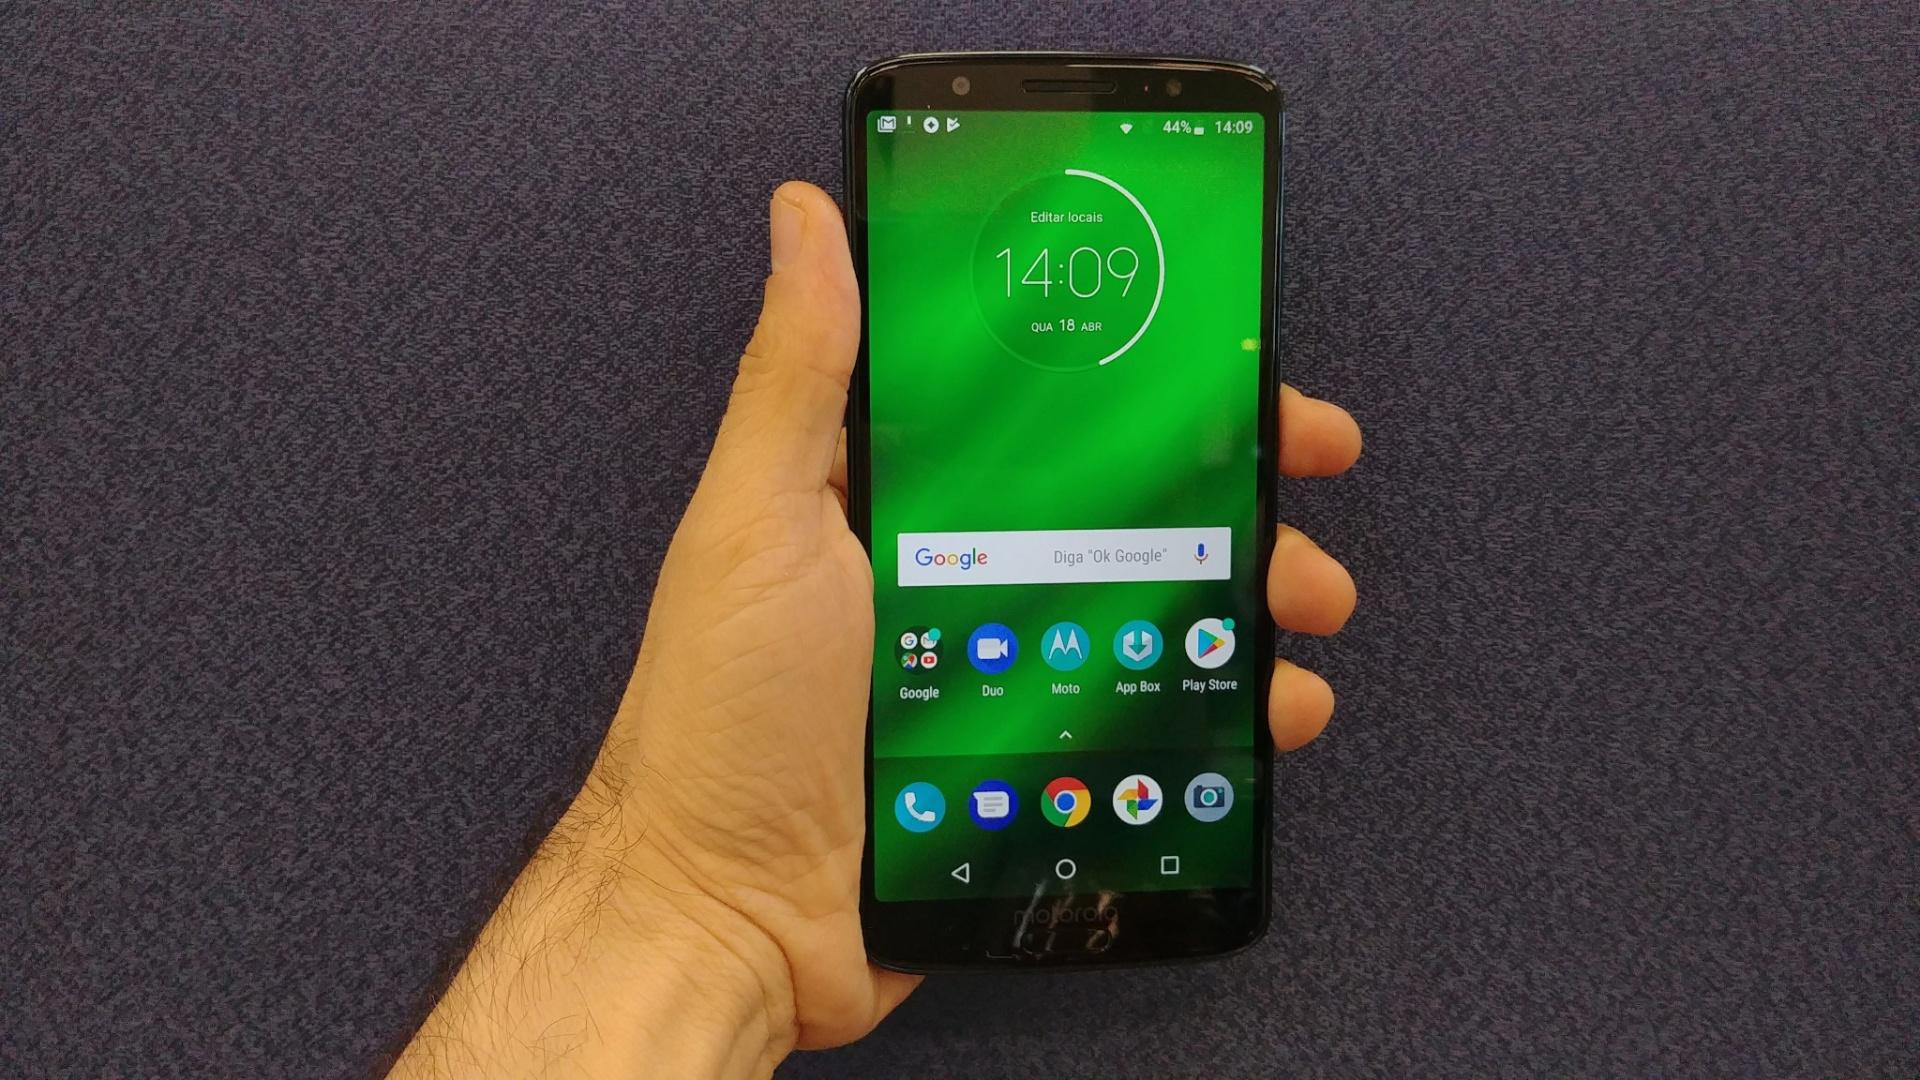 6bef78fa9 Moto G6 Plus ficou mais elegante e ainda maior  veja primeiras impressões -  19 04 2018 - UOL Tecnologia